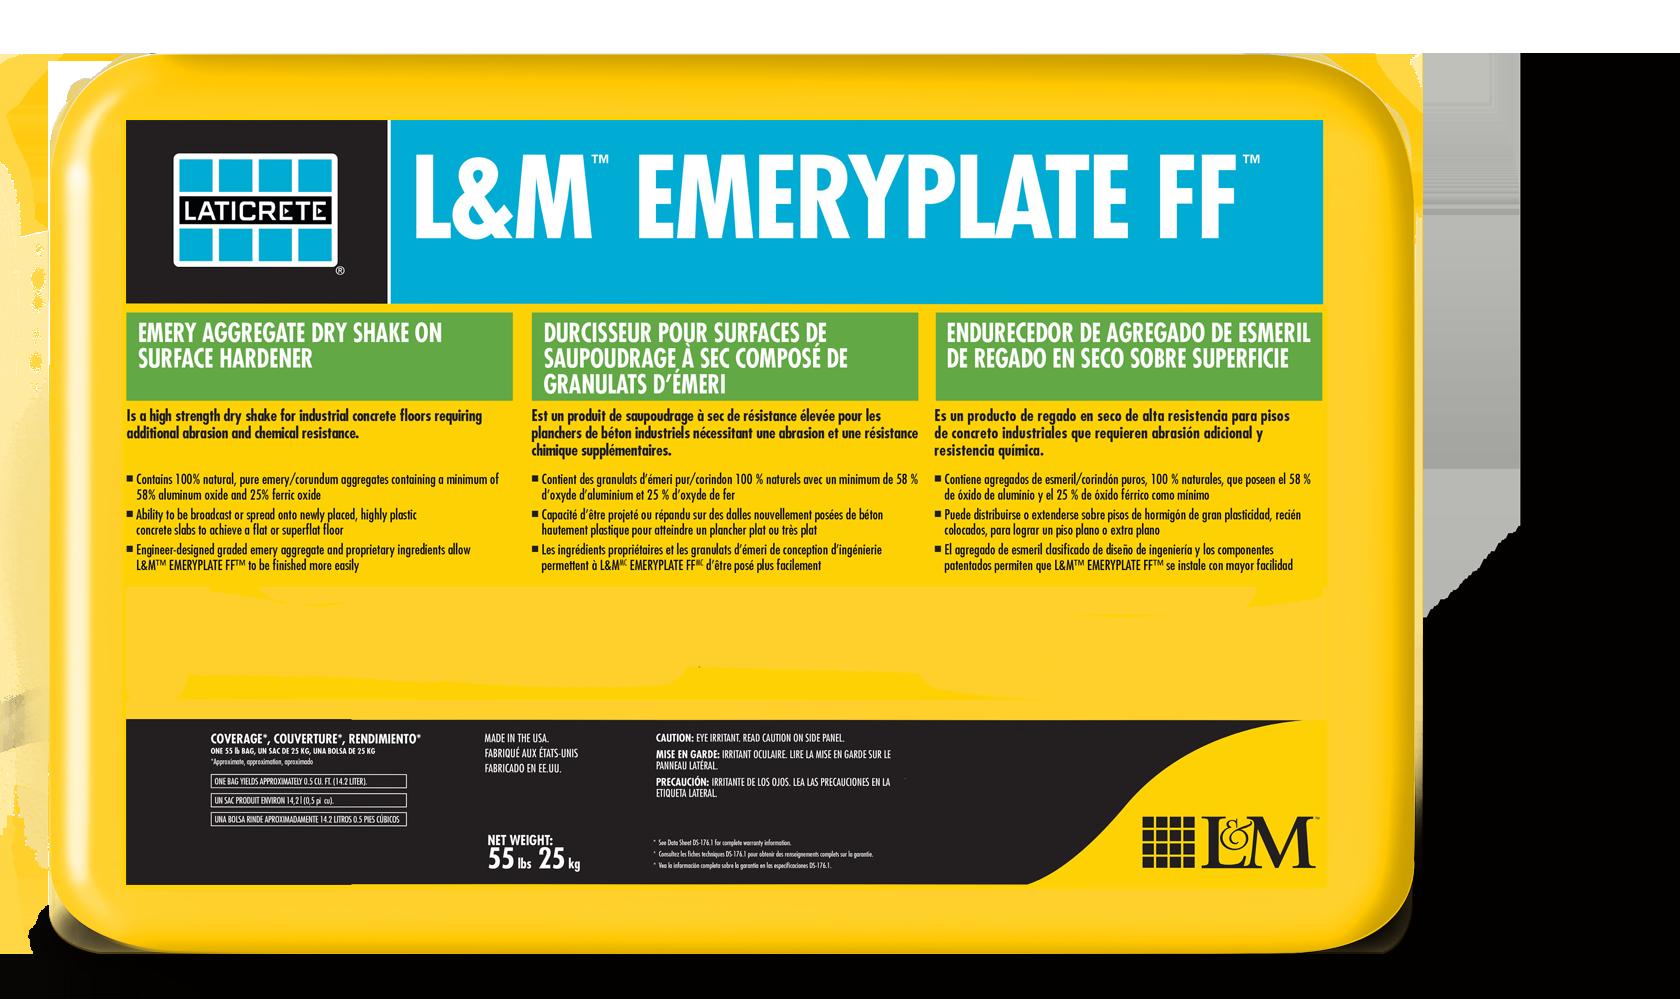 Emeryplate FF